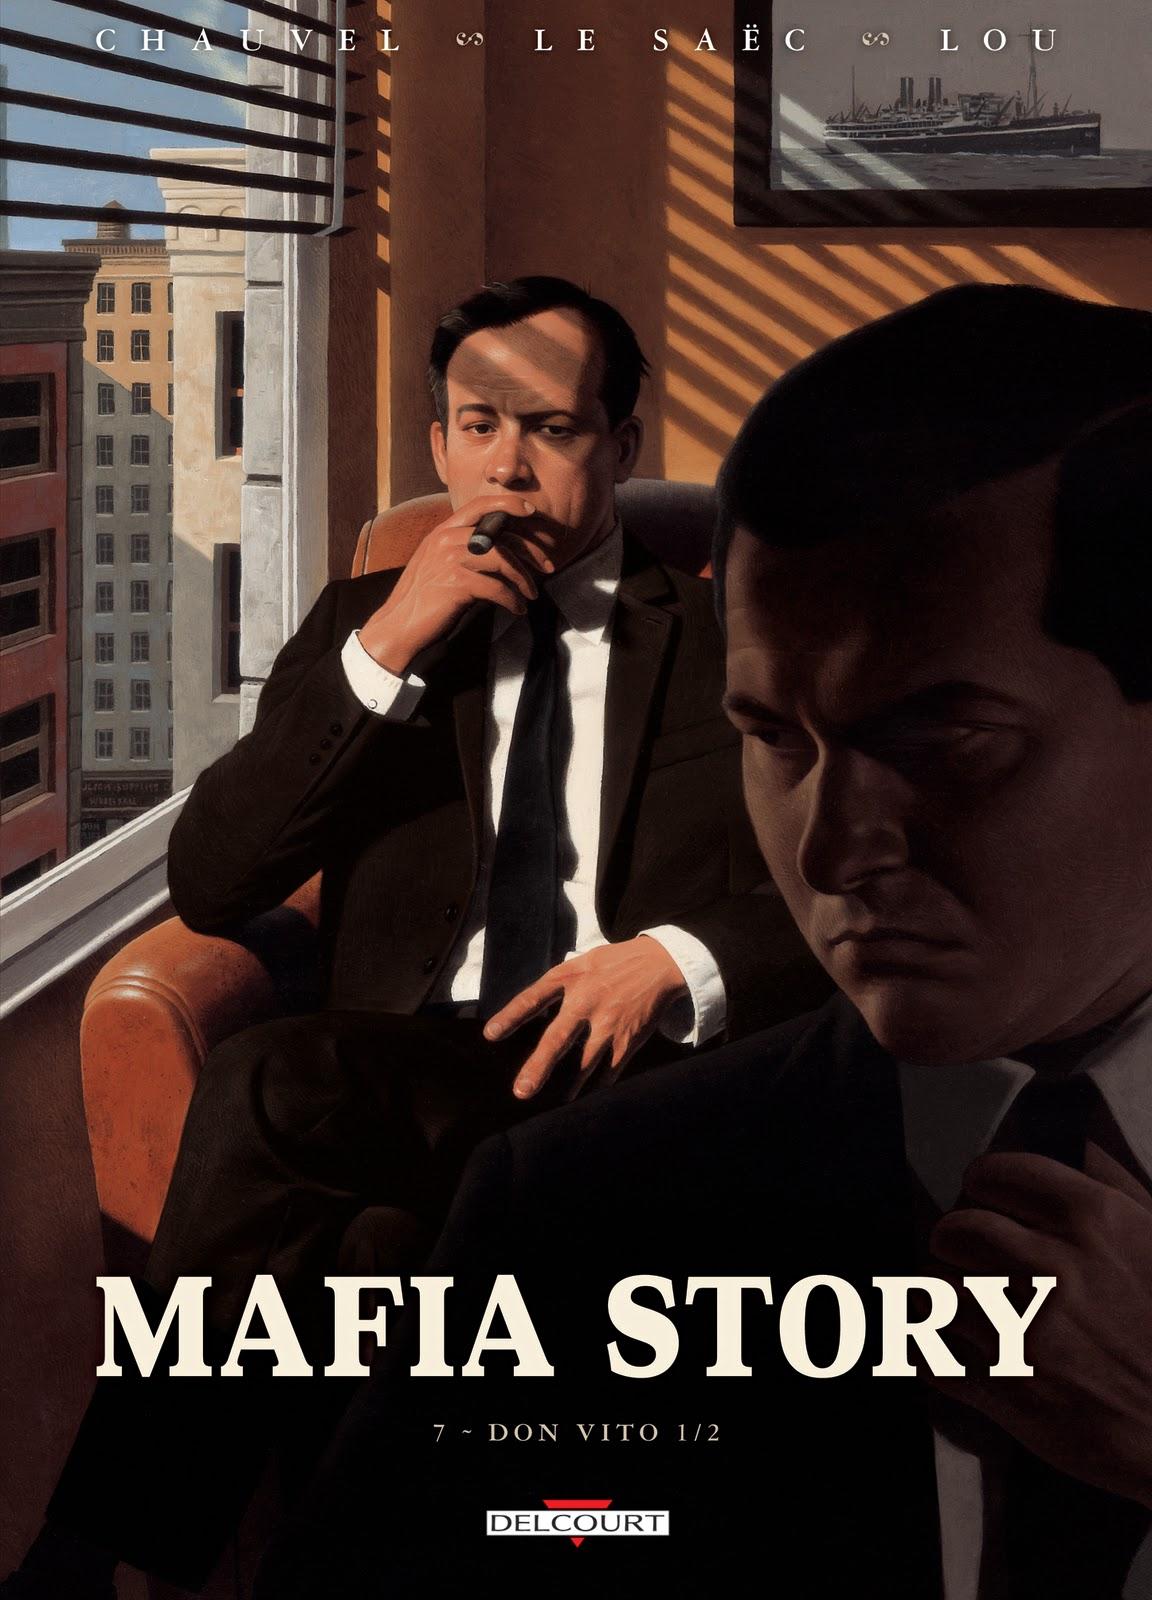 David Chauvel - Delcourt - Interview - Mafia Story